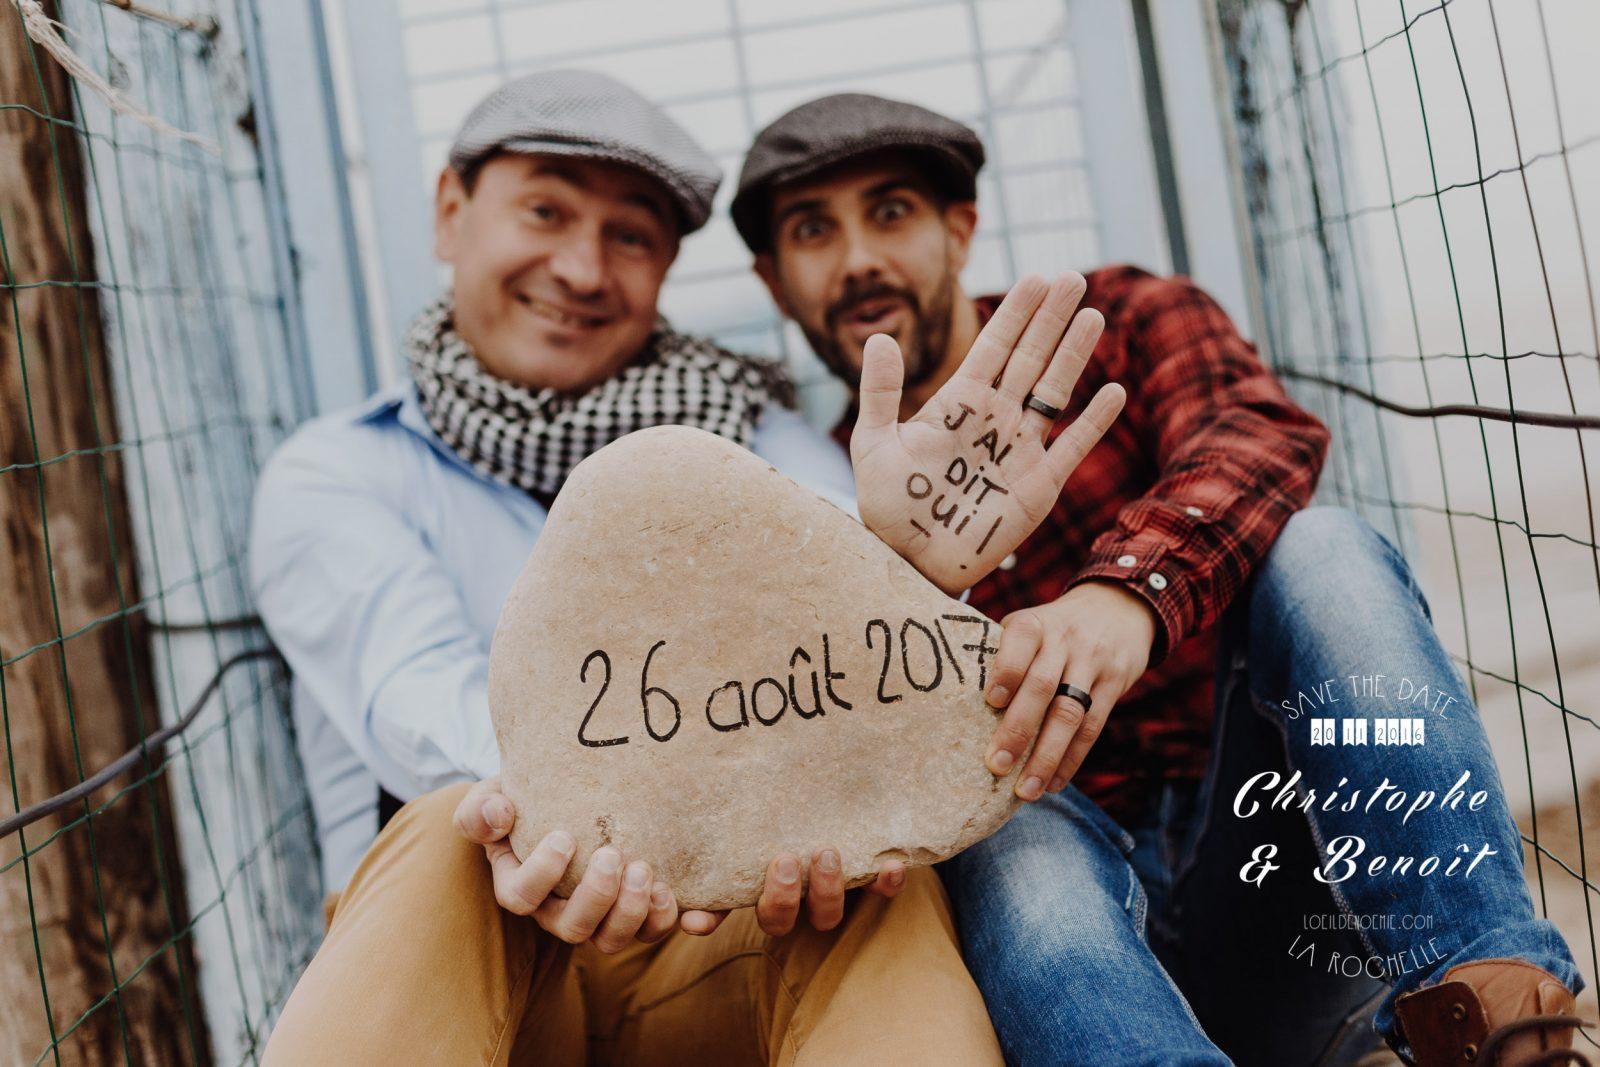 séance photo engagement à la Rochelle, par L'oeil de Noémie photographe de mariage à La Rochelle et partout en France